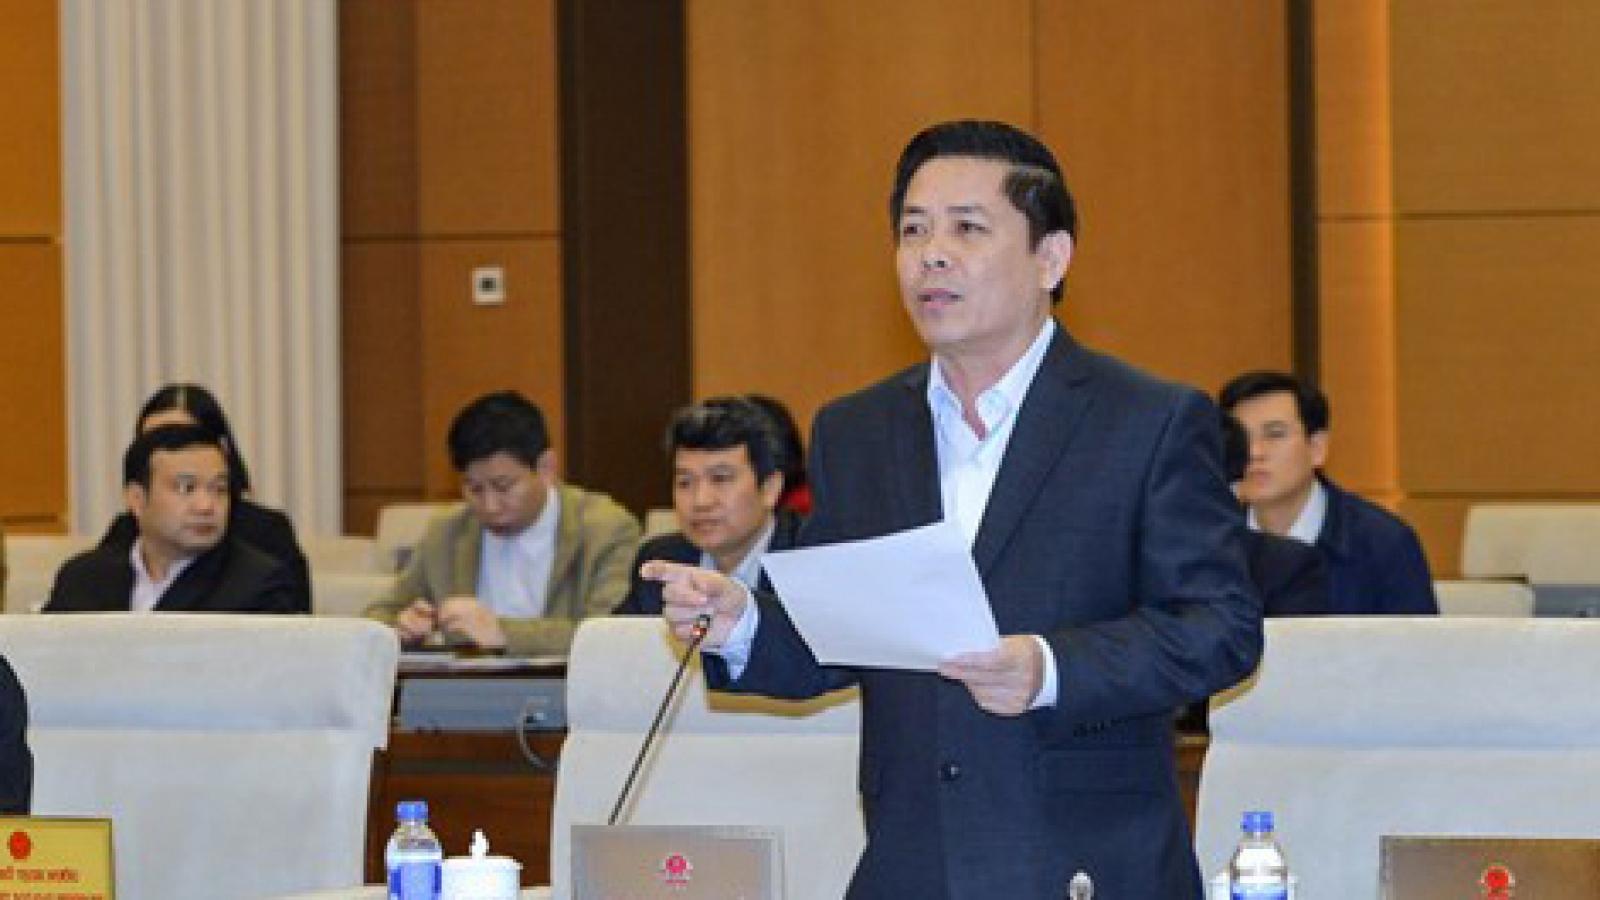 Chuyển 2 dự án PPP cao tốc Bắc - Nam phía Đông sang đầu tư công